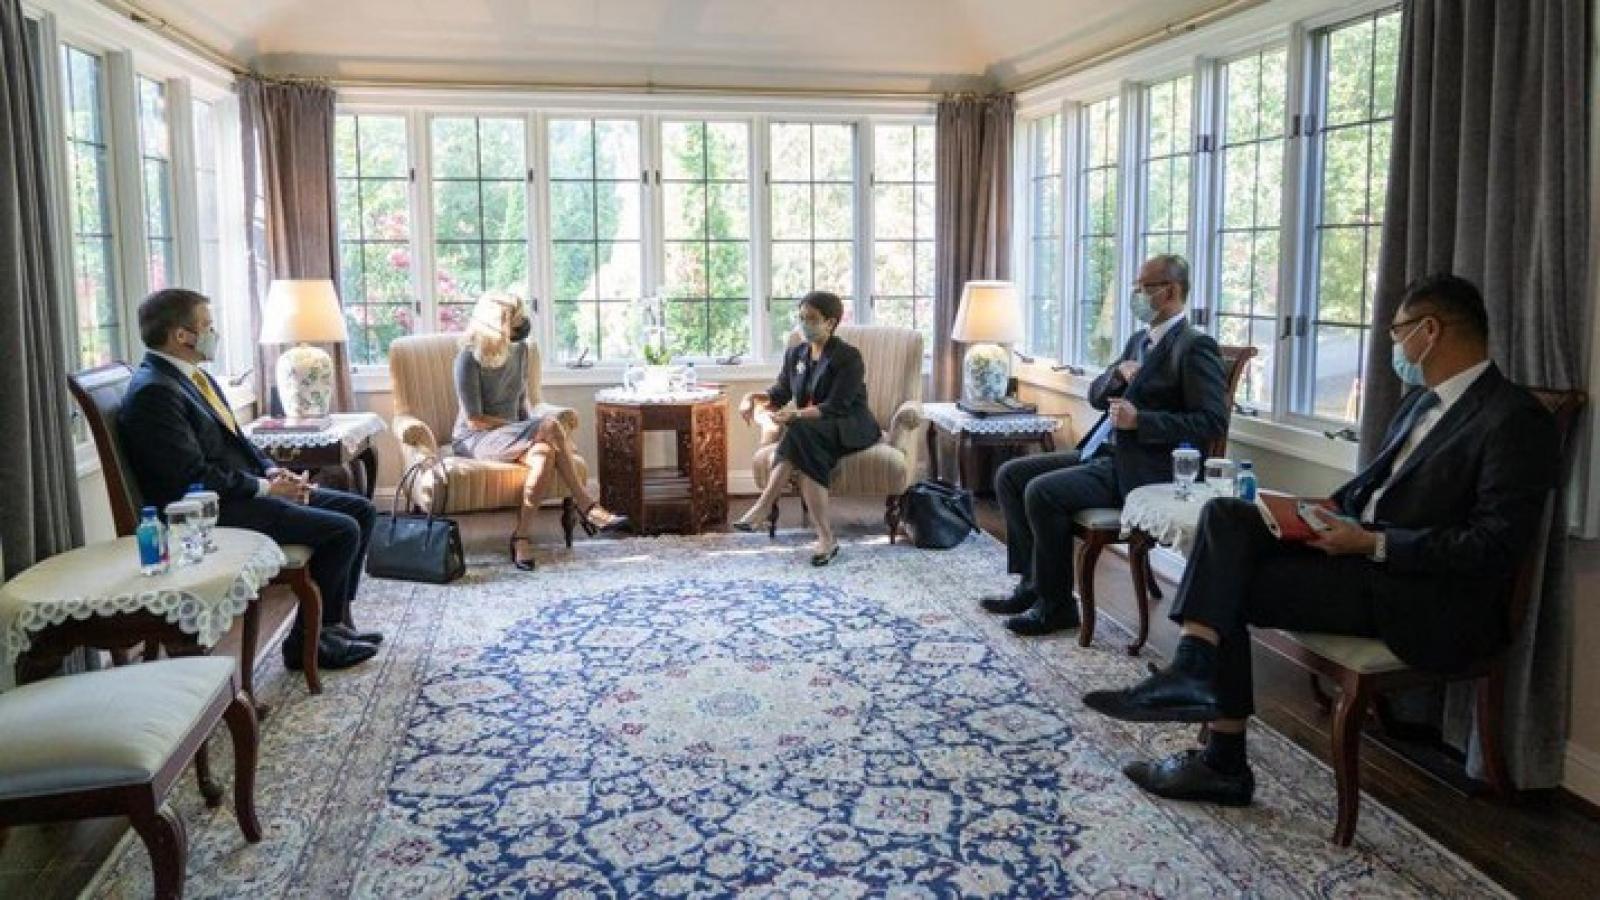 Ngoại trưởng Indonesia gặp Cố vấn An ninh Mỹ bàn về quan hệ đối tác chiến lược